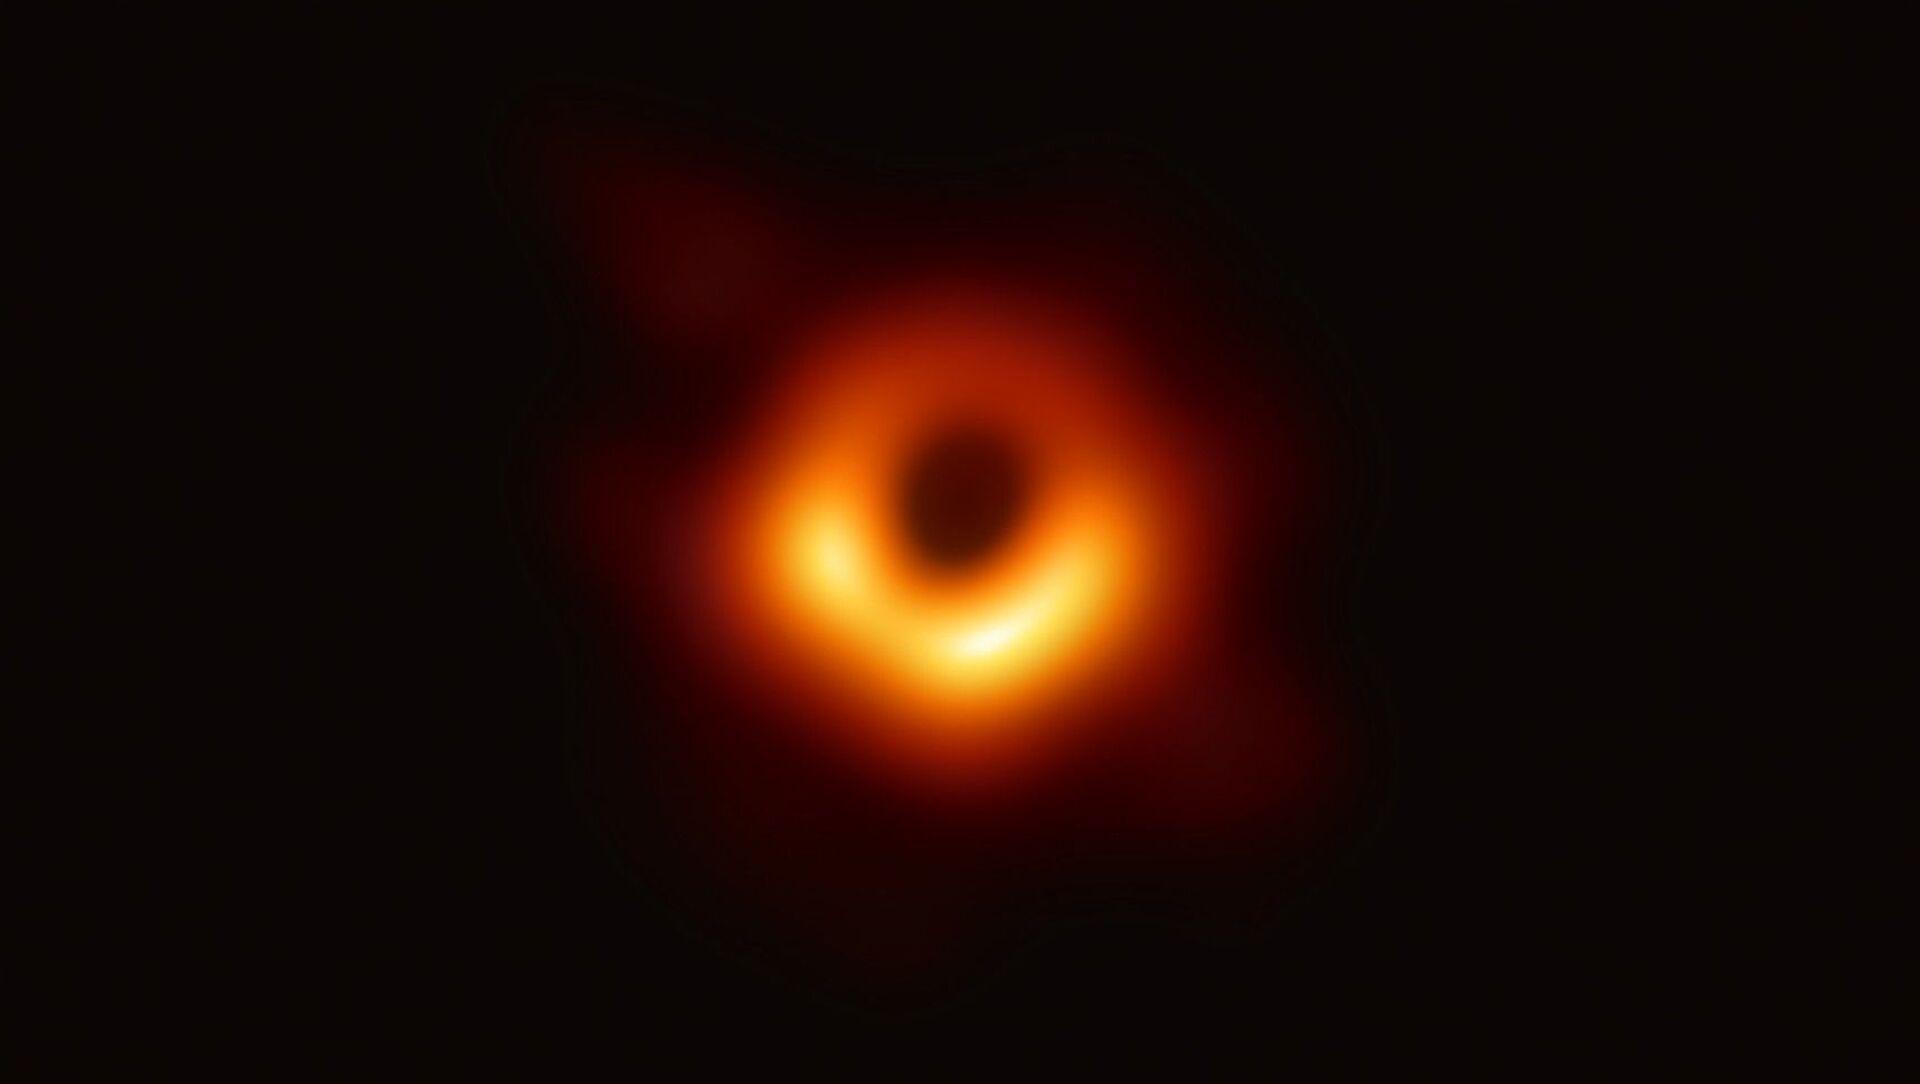 Il buco nero individuato al centro della galassia M87 - Sputnik Italia, 1920, 07.05.2021